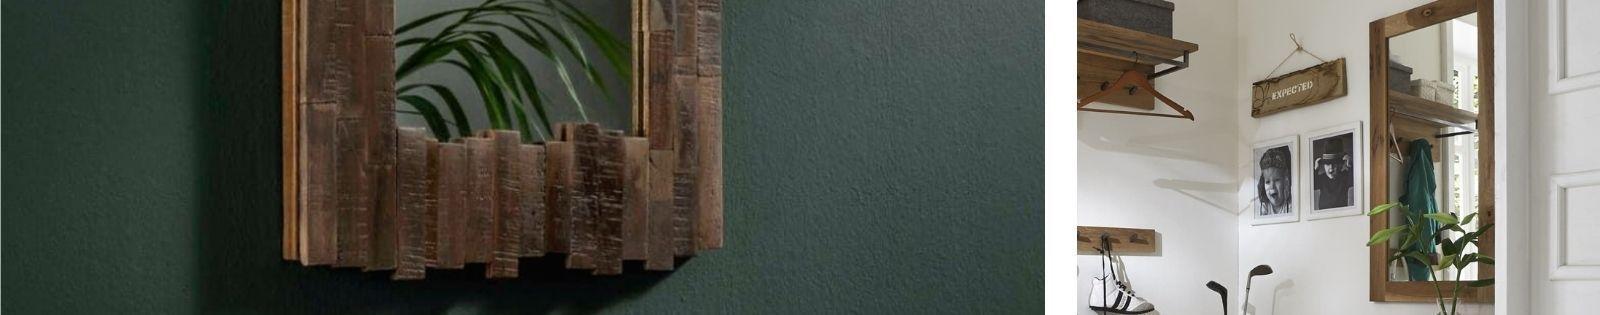 Miroir en bois massif : acacia, chêne, hévéa, teck... Lotuséa